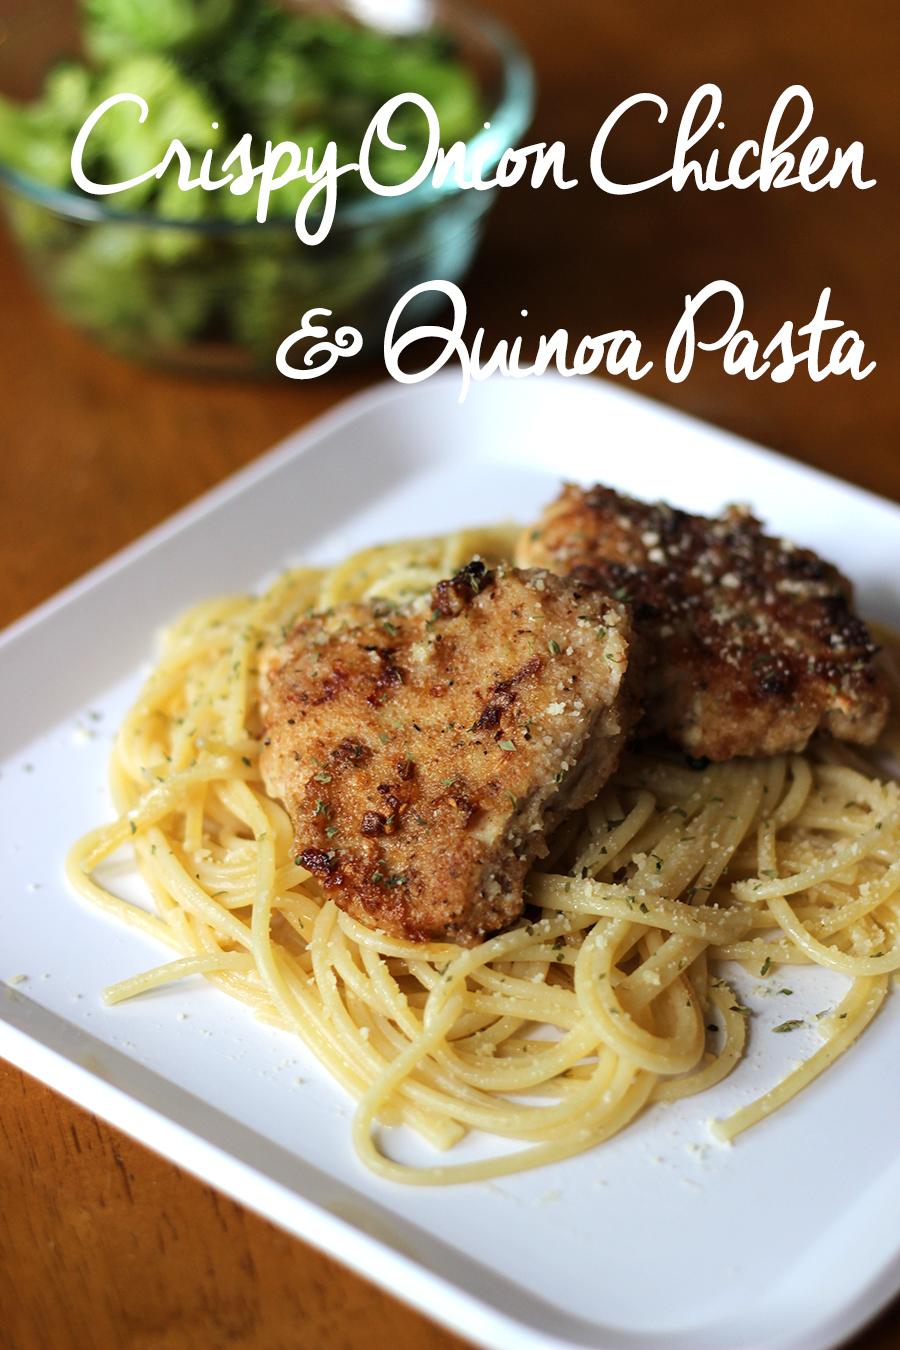 Crispy Onion Chicken and Quinoa Pasta